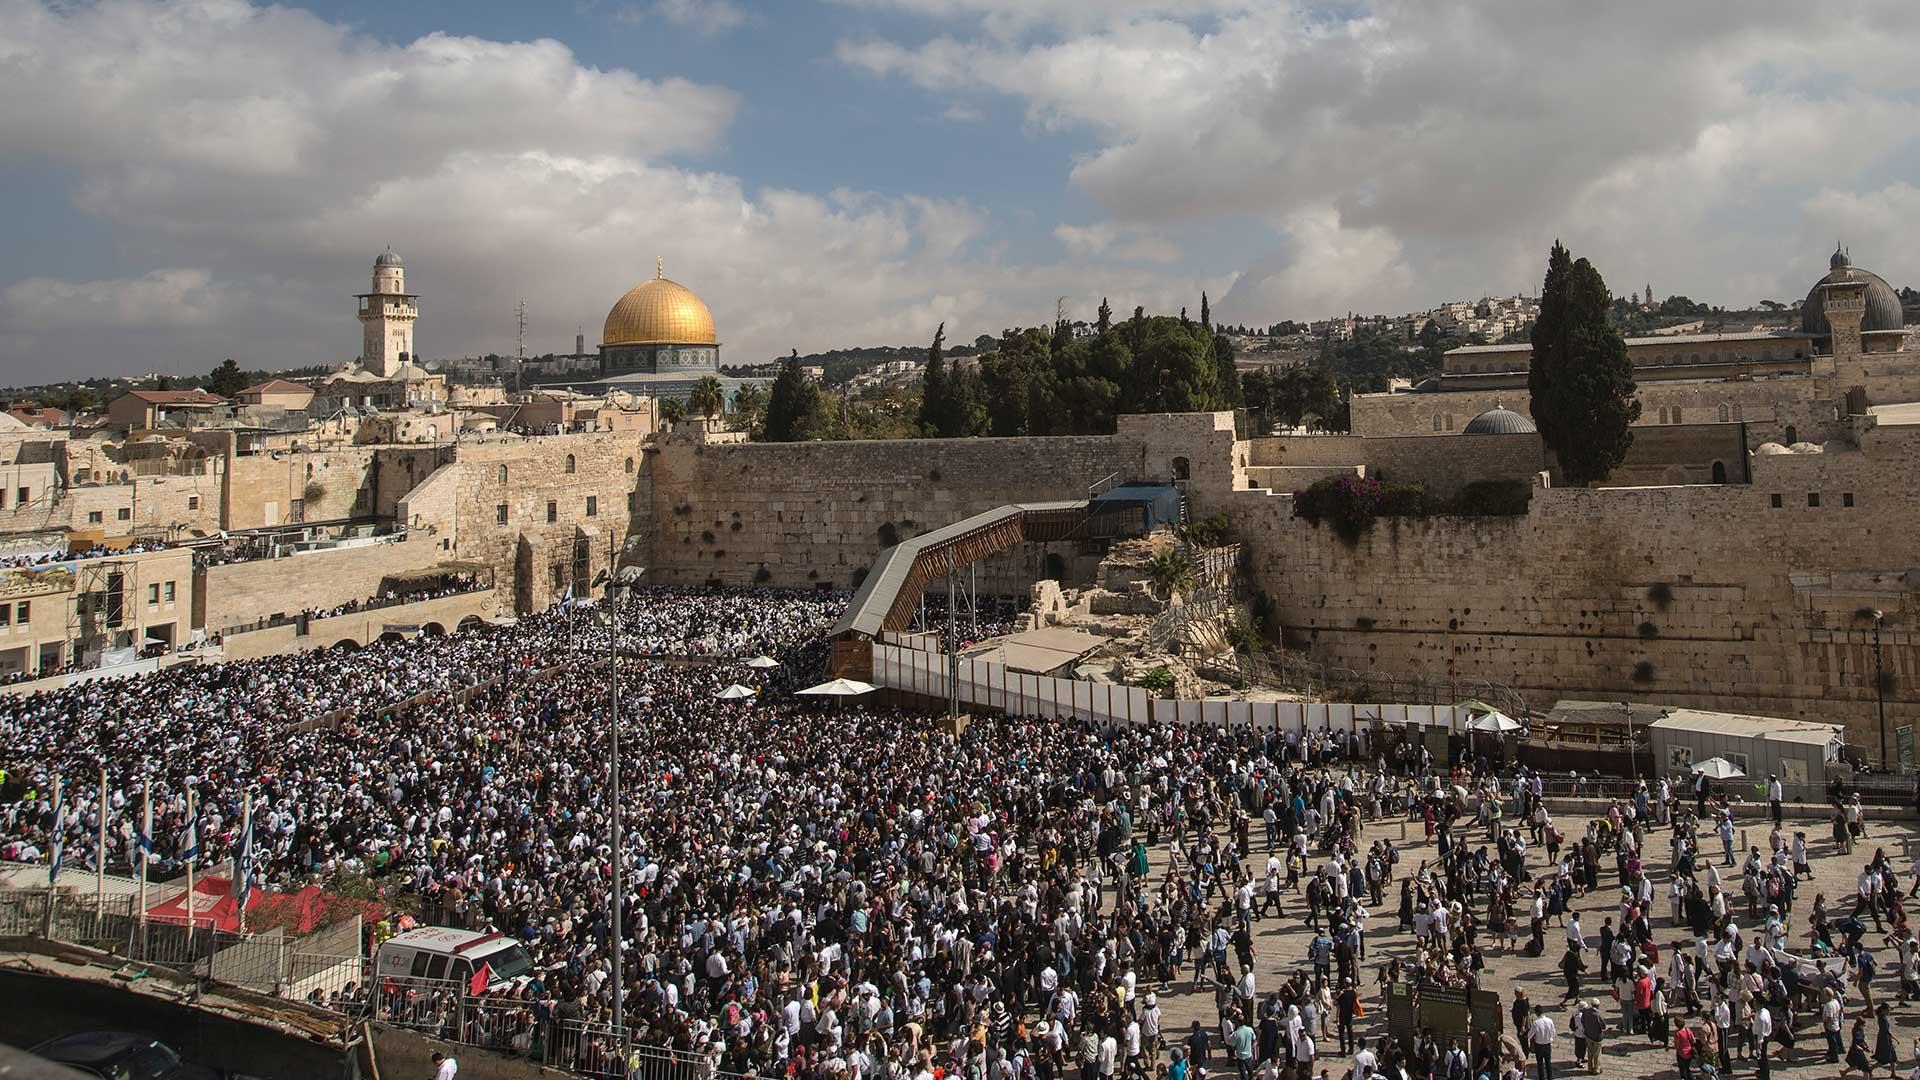 La bendición de los Cohanim congregó a miles de judíos en medio de la polémica por la Unesco